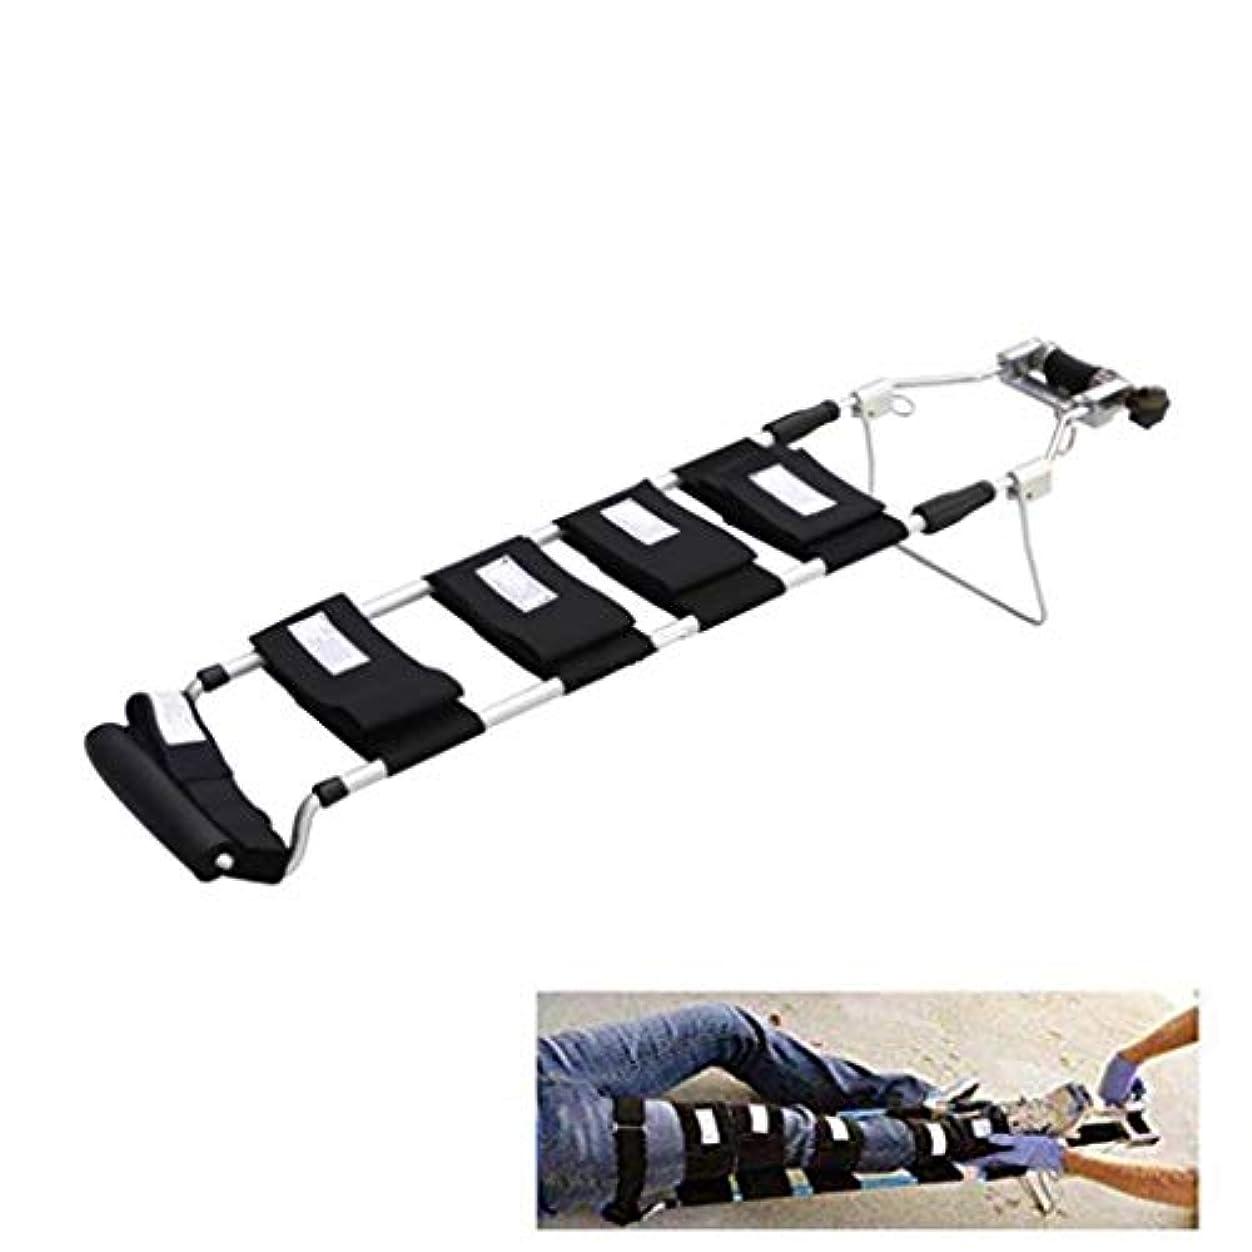 休眠事業内容ジョガー脚牽引装置整形外科、牽引副木、調整可能な足首ストラップ伸縮設計、脚緊急レトラクタ付き (Color : Children)